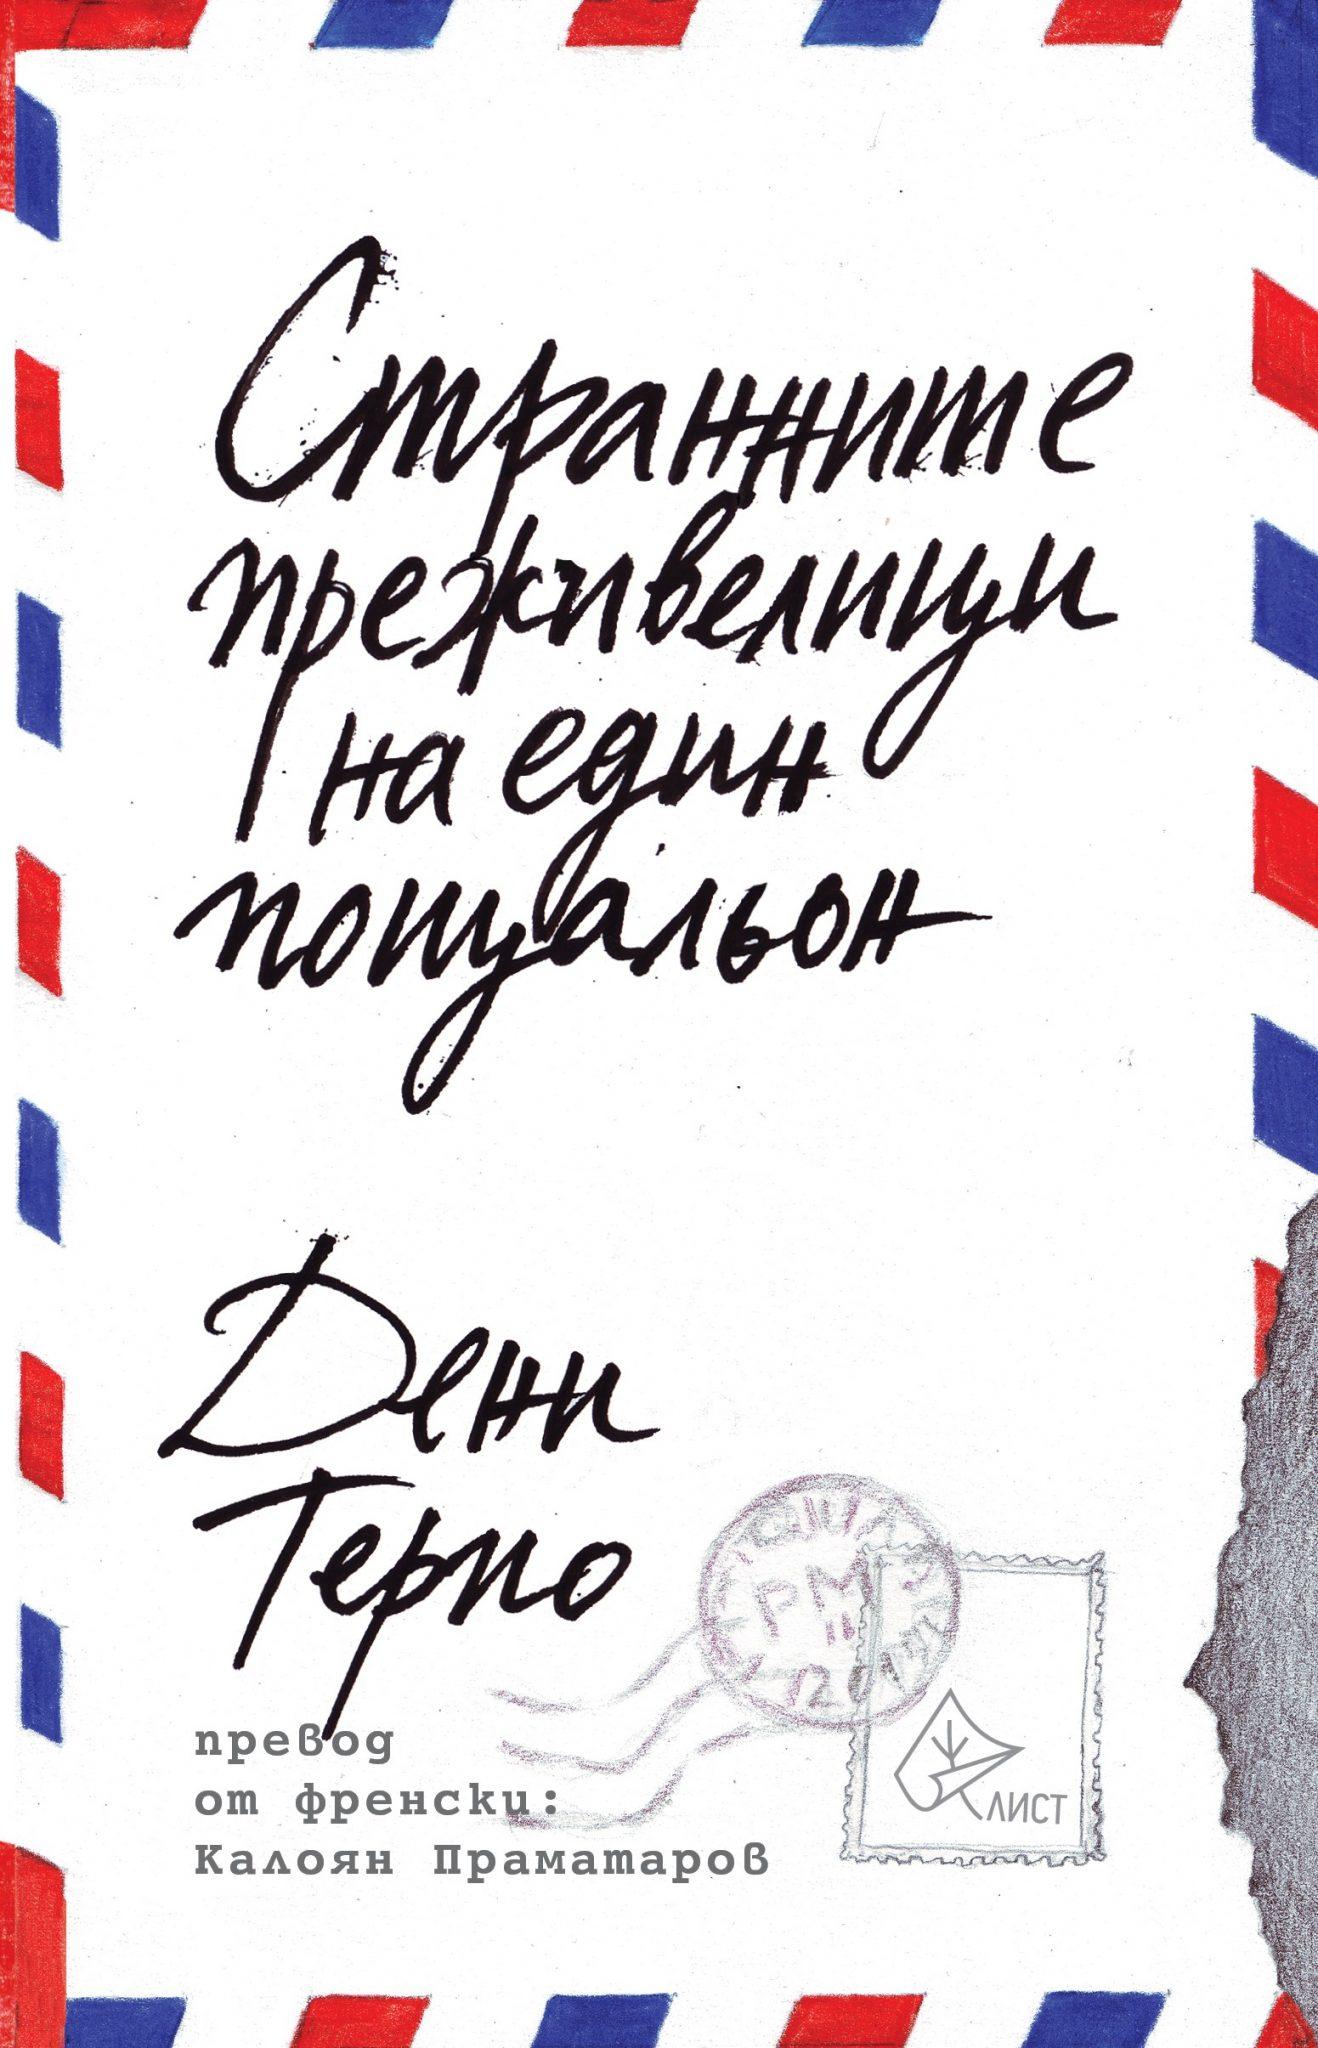 Странните преживелици на един пощальон от Дени Терио